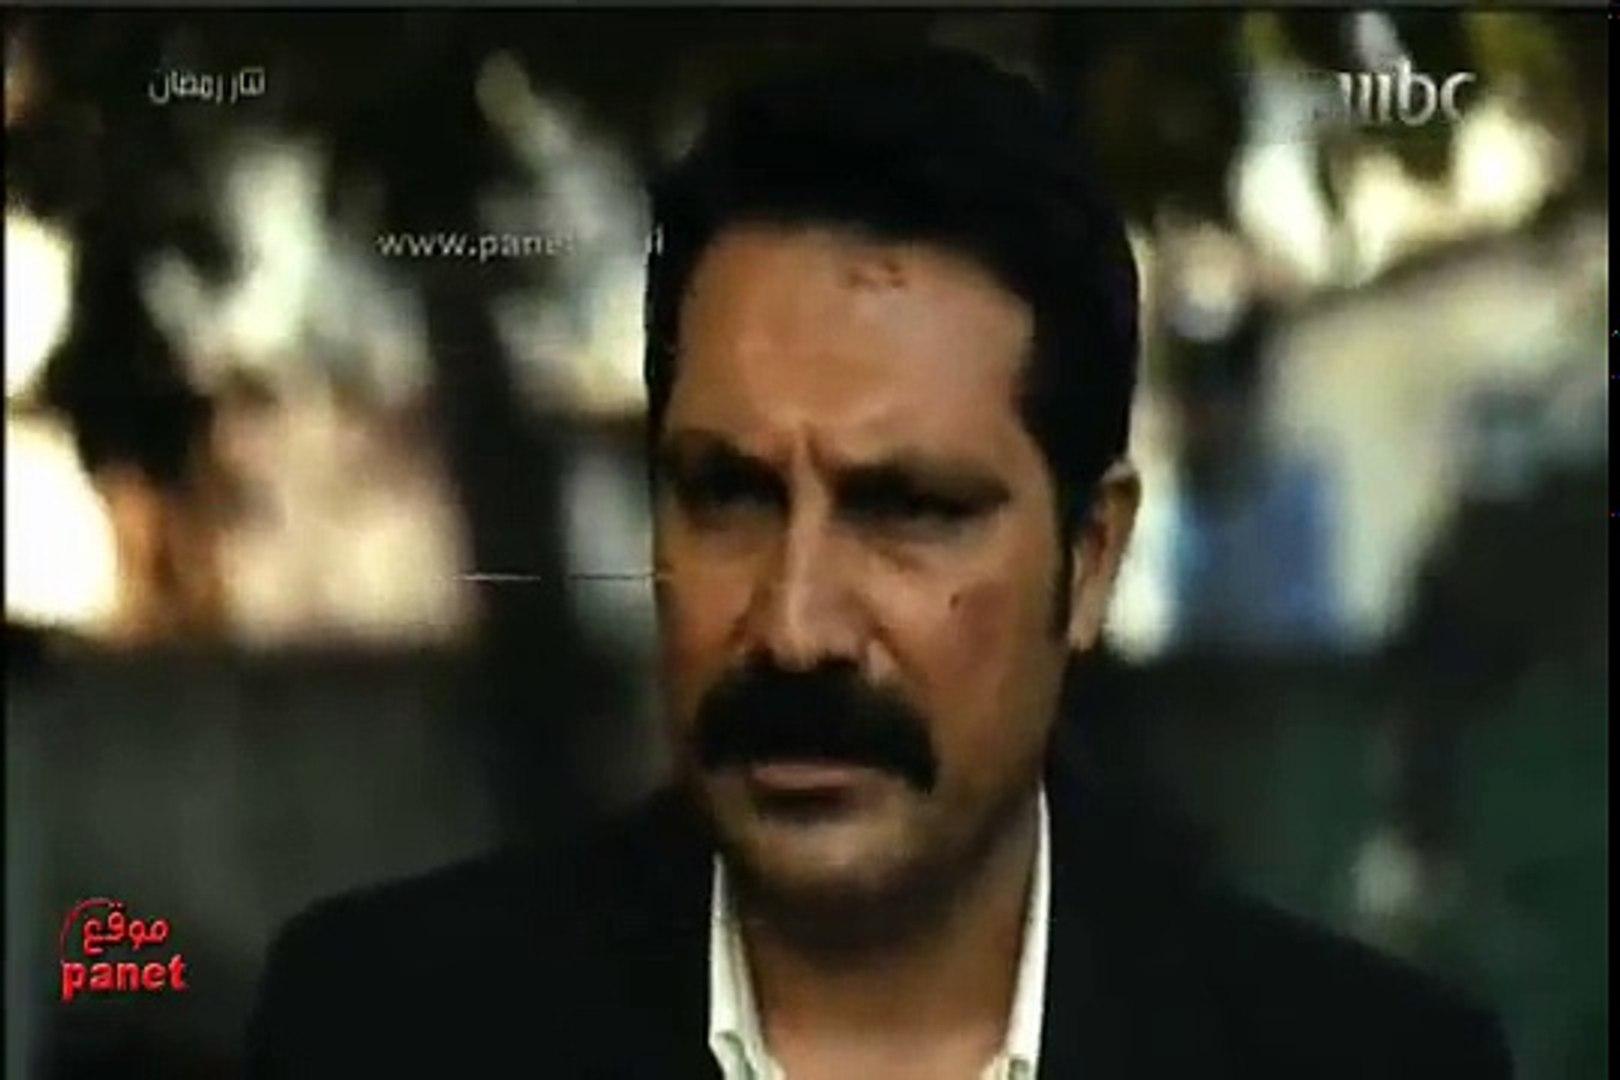 مسلسل تتار رمضان الحلقة 29 فيديو Dailymotion